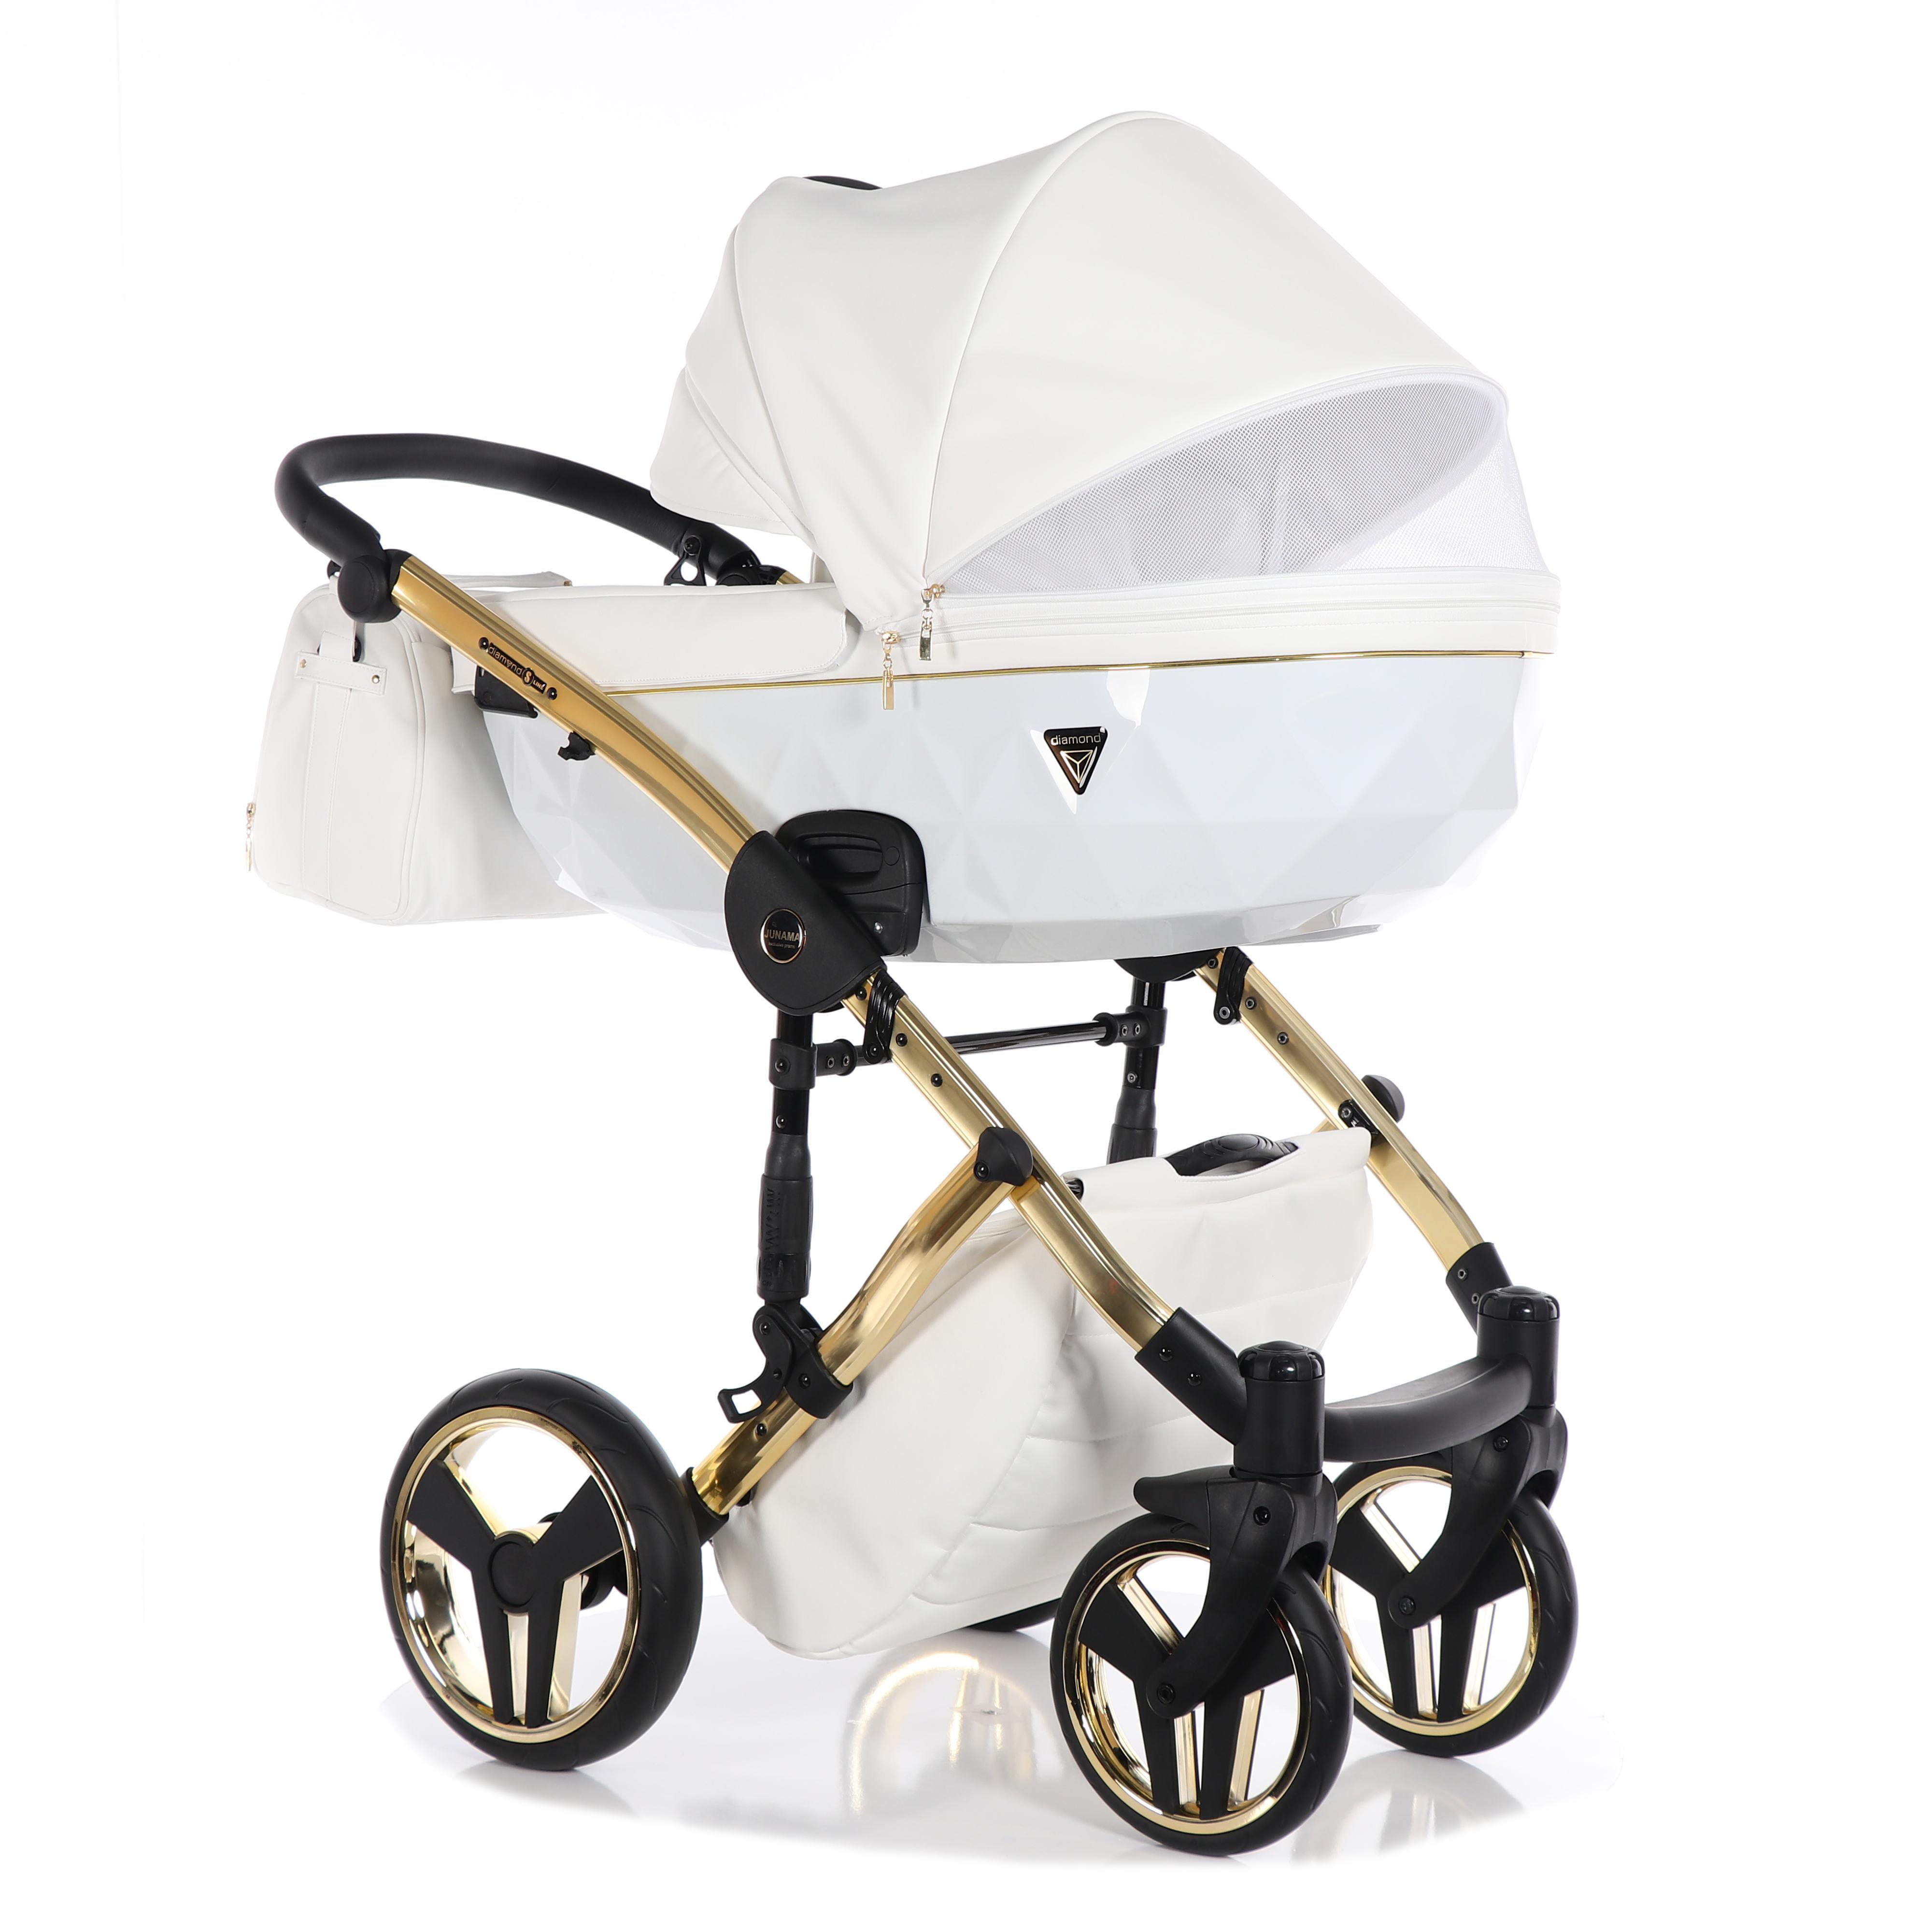 wielofunkcyjny wózek Individual Junama wentylacja gondoli Dadi Shop